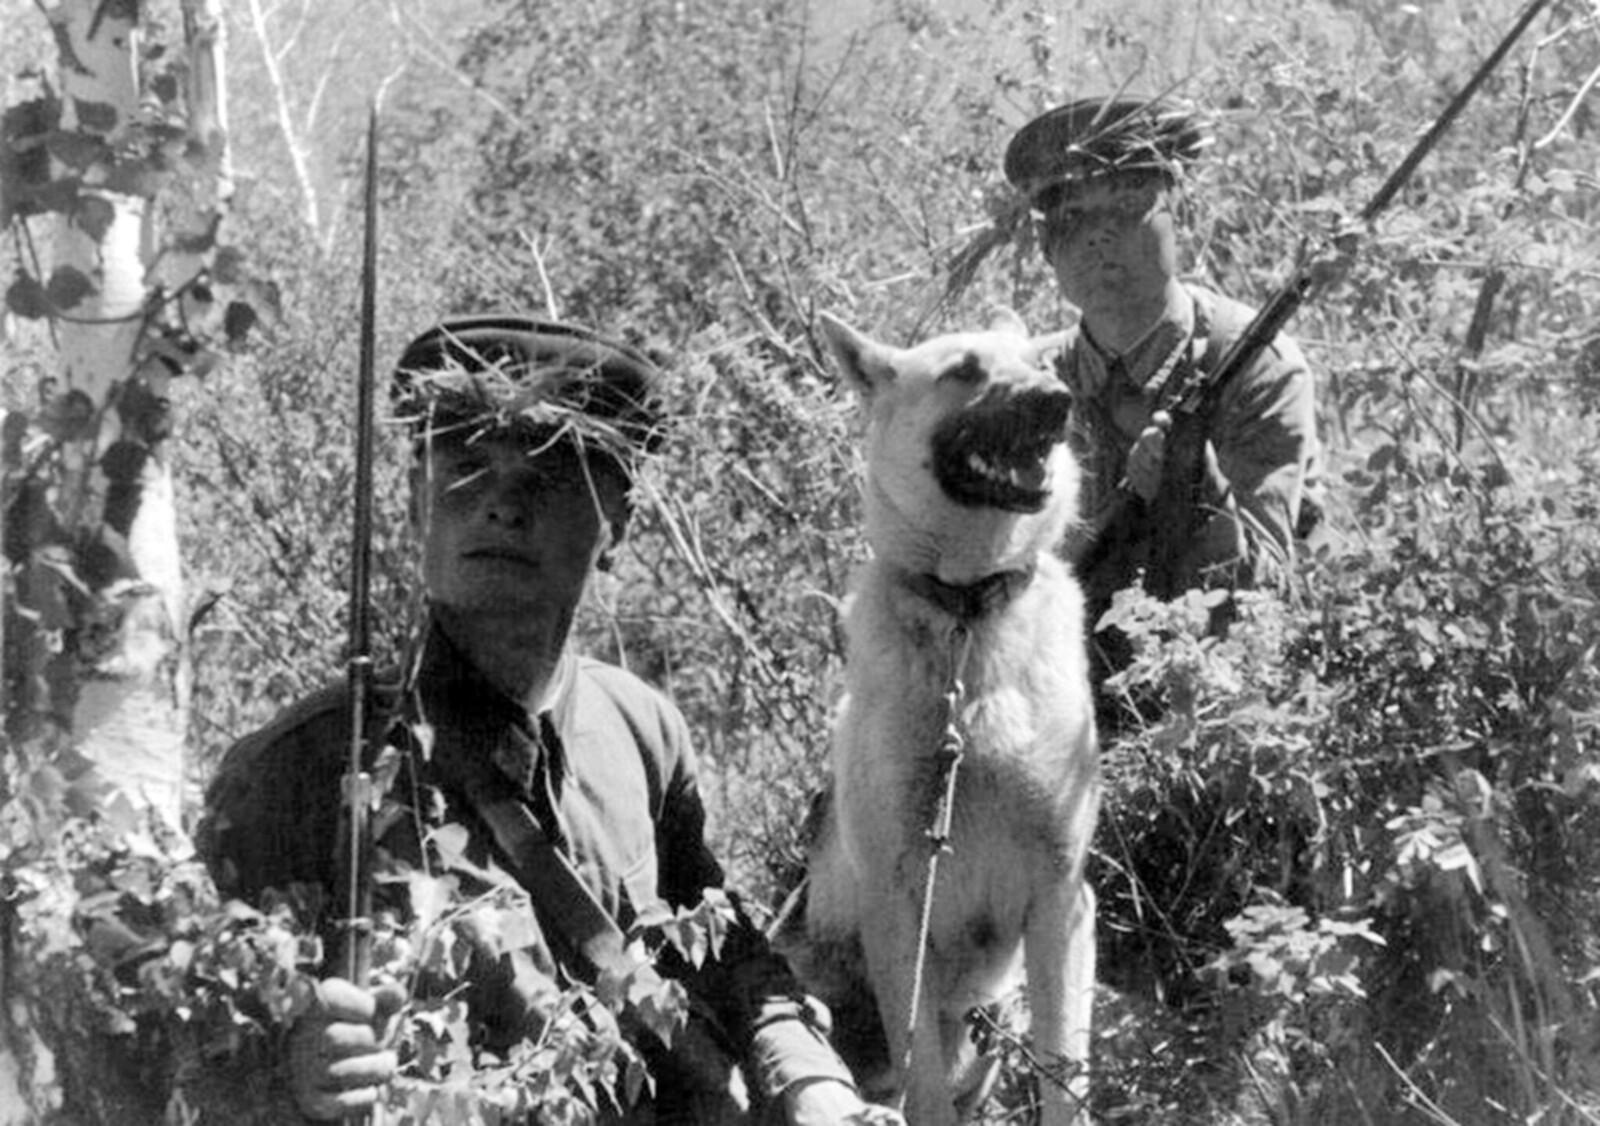 1940. Катон-Карагайский район Восточно-Казахстанской области Казахской ССР. Август  (4)